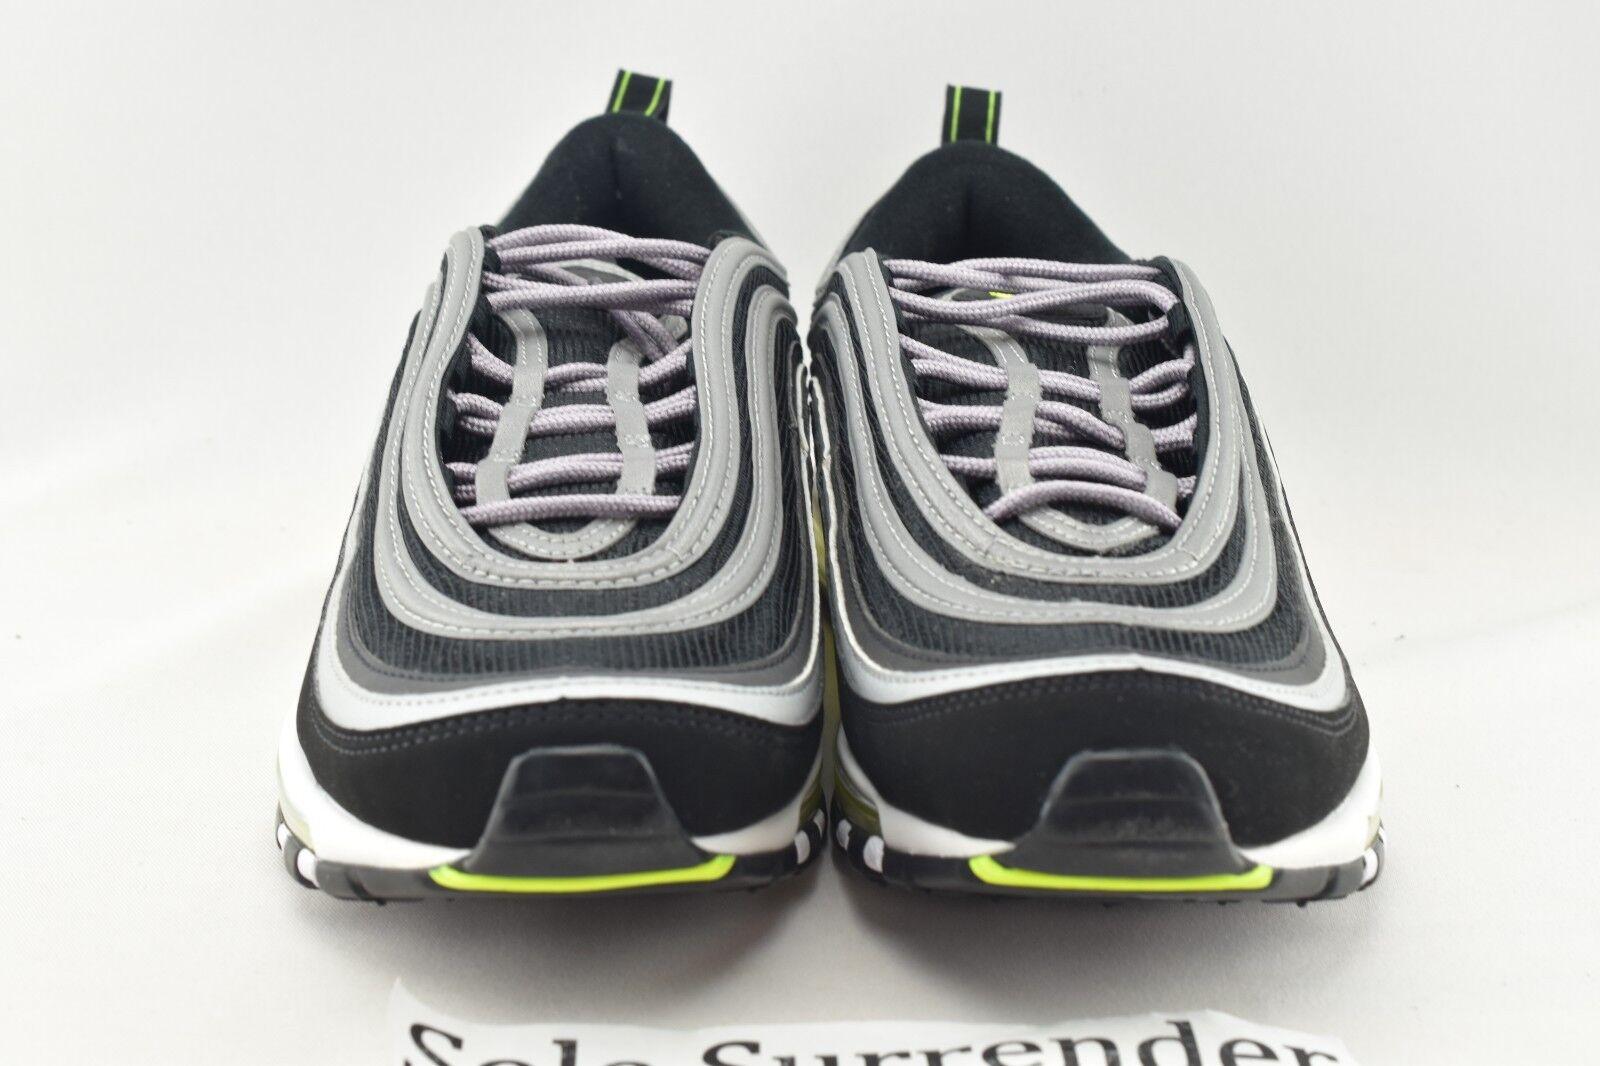 Nike Air Max 97 OG QS Japan Neon Black Volt Metallic Silver 921826-004 8  for sale online  8b6af49a7